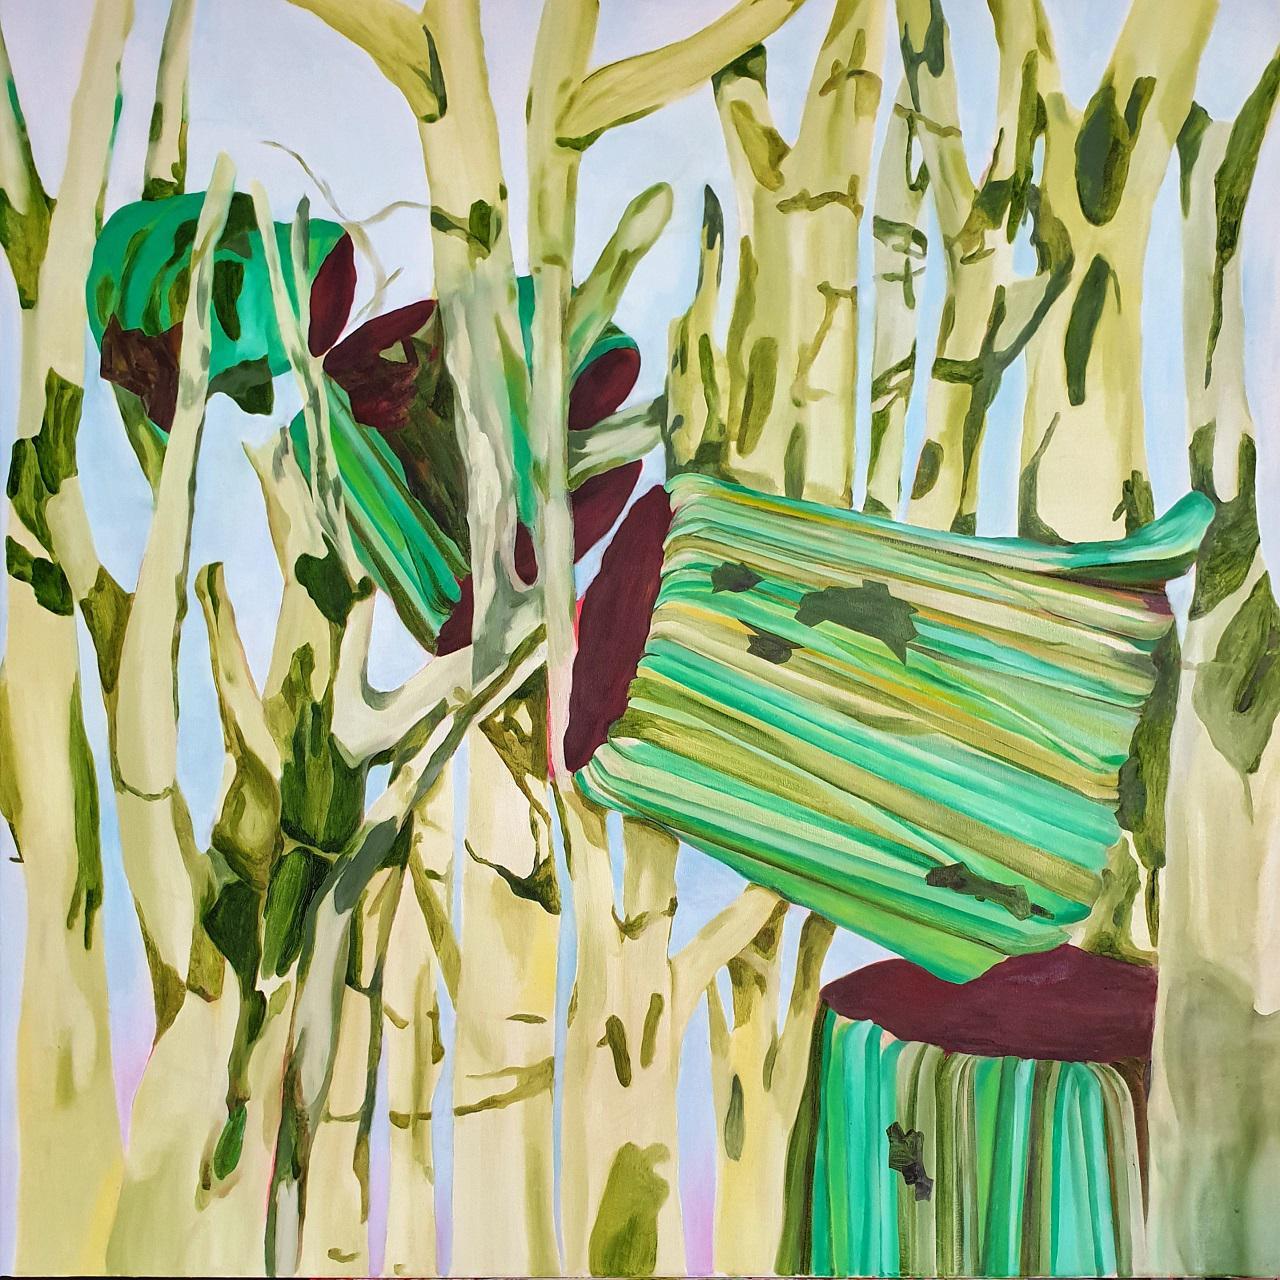 Giorgos Kazazis, Fall, oil on canvas,  100 x 100 cm, 2016